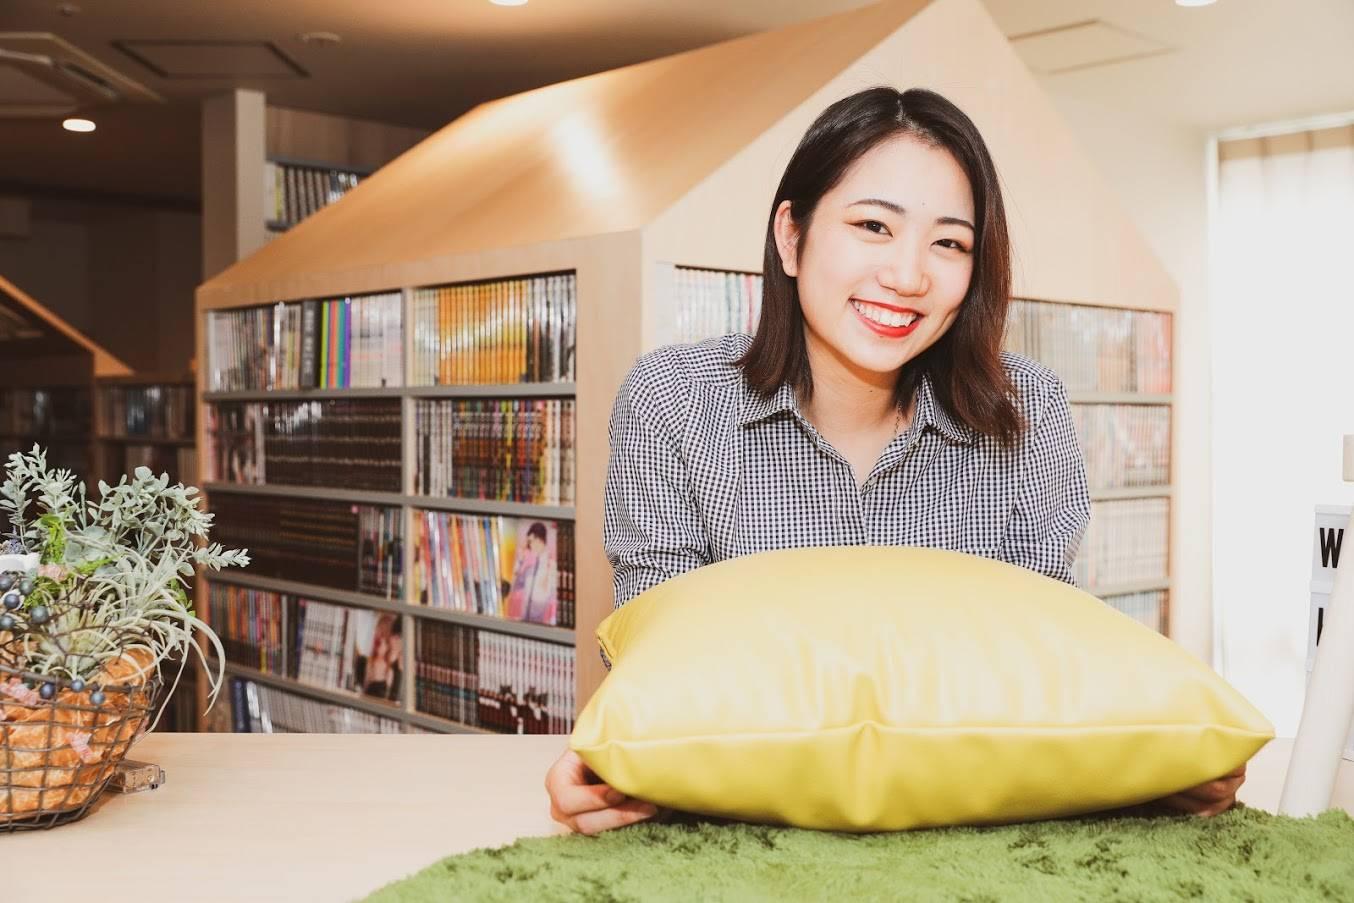 Hailey5cafe(ハイリーファイブカフェ)京都河原町店